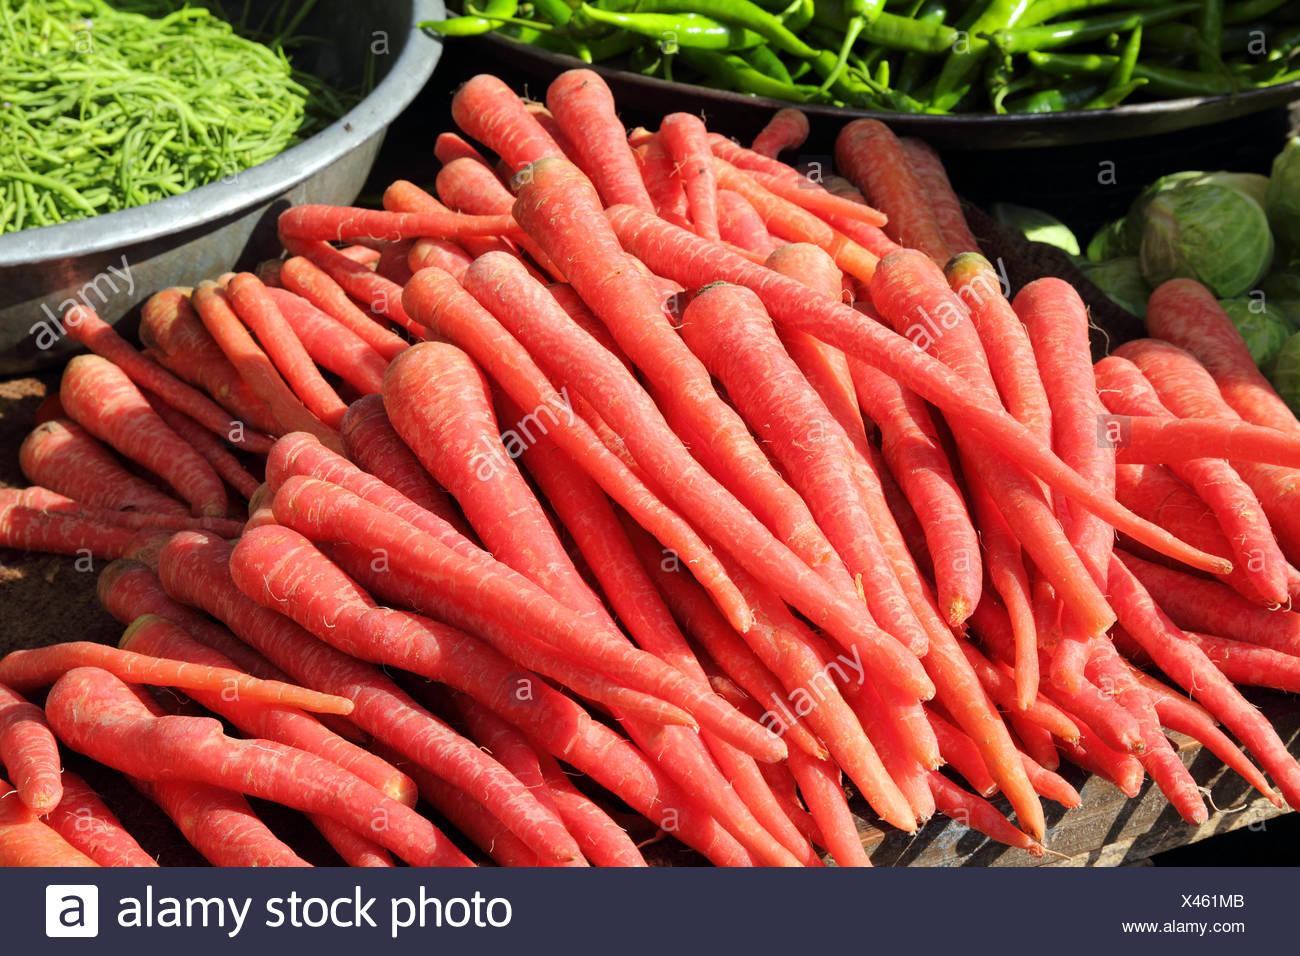 Zanahoria Roja Sobre El Mercado En India Fotografia De Stock Alamy Por esta razón, en la entrada de hoy. https www alamy es zanahoria roja sobre el mercado en india image277957579 html